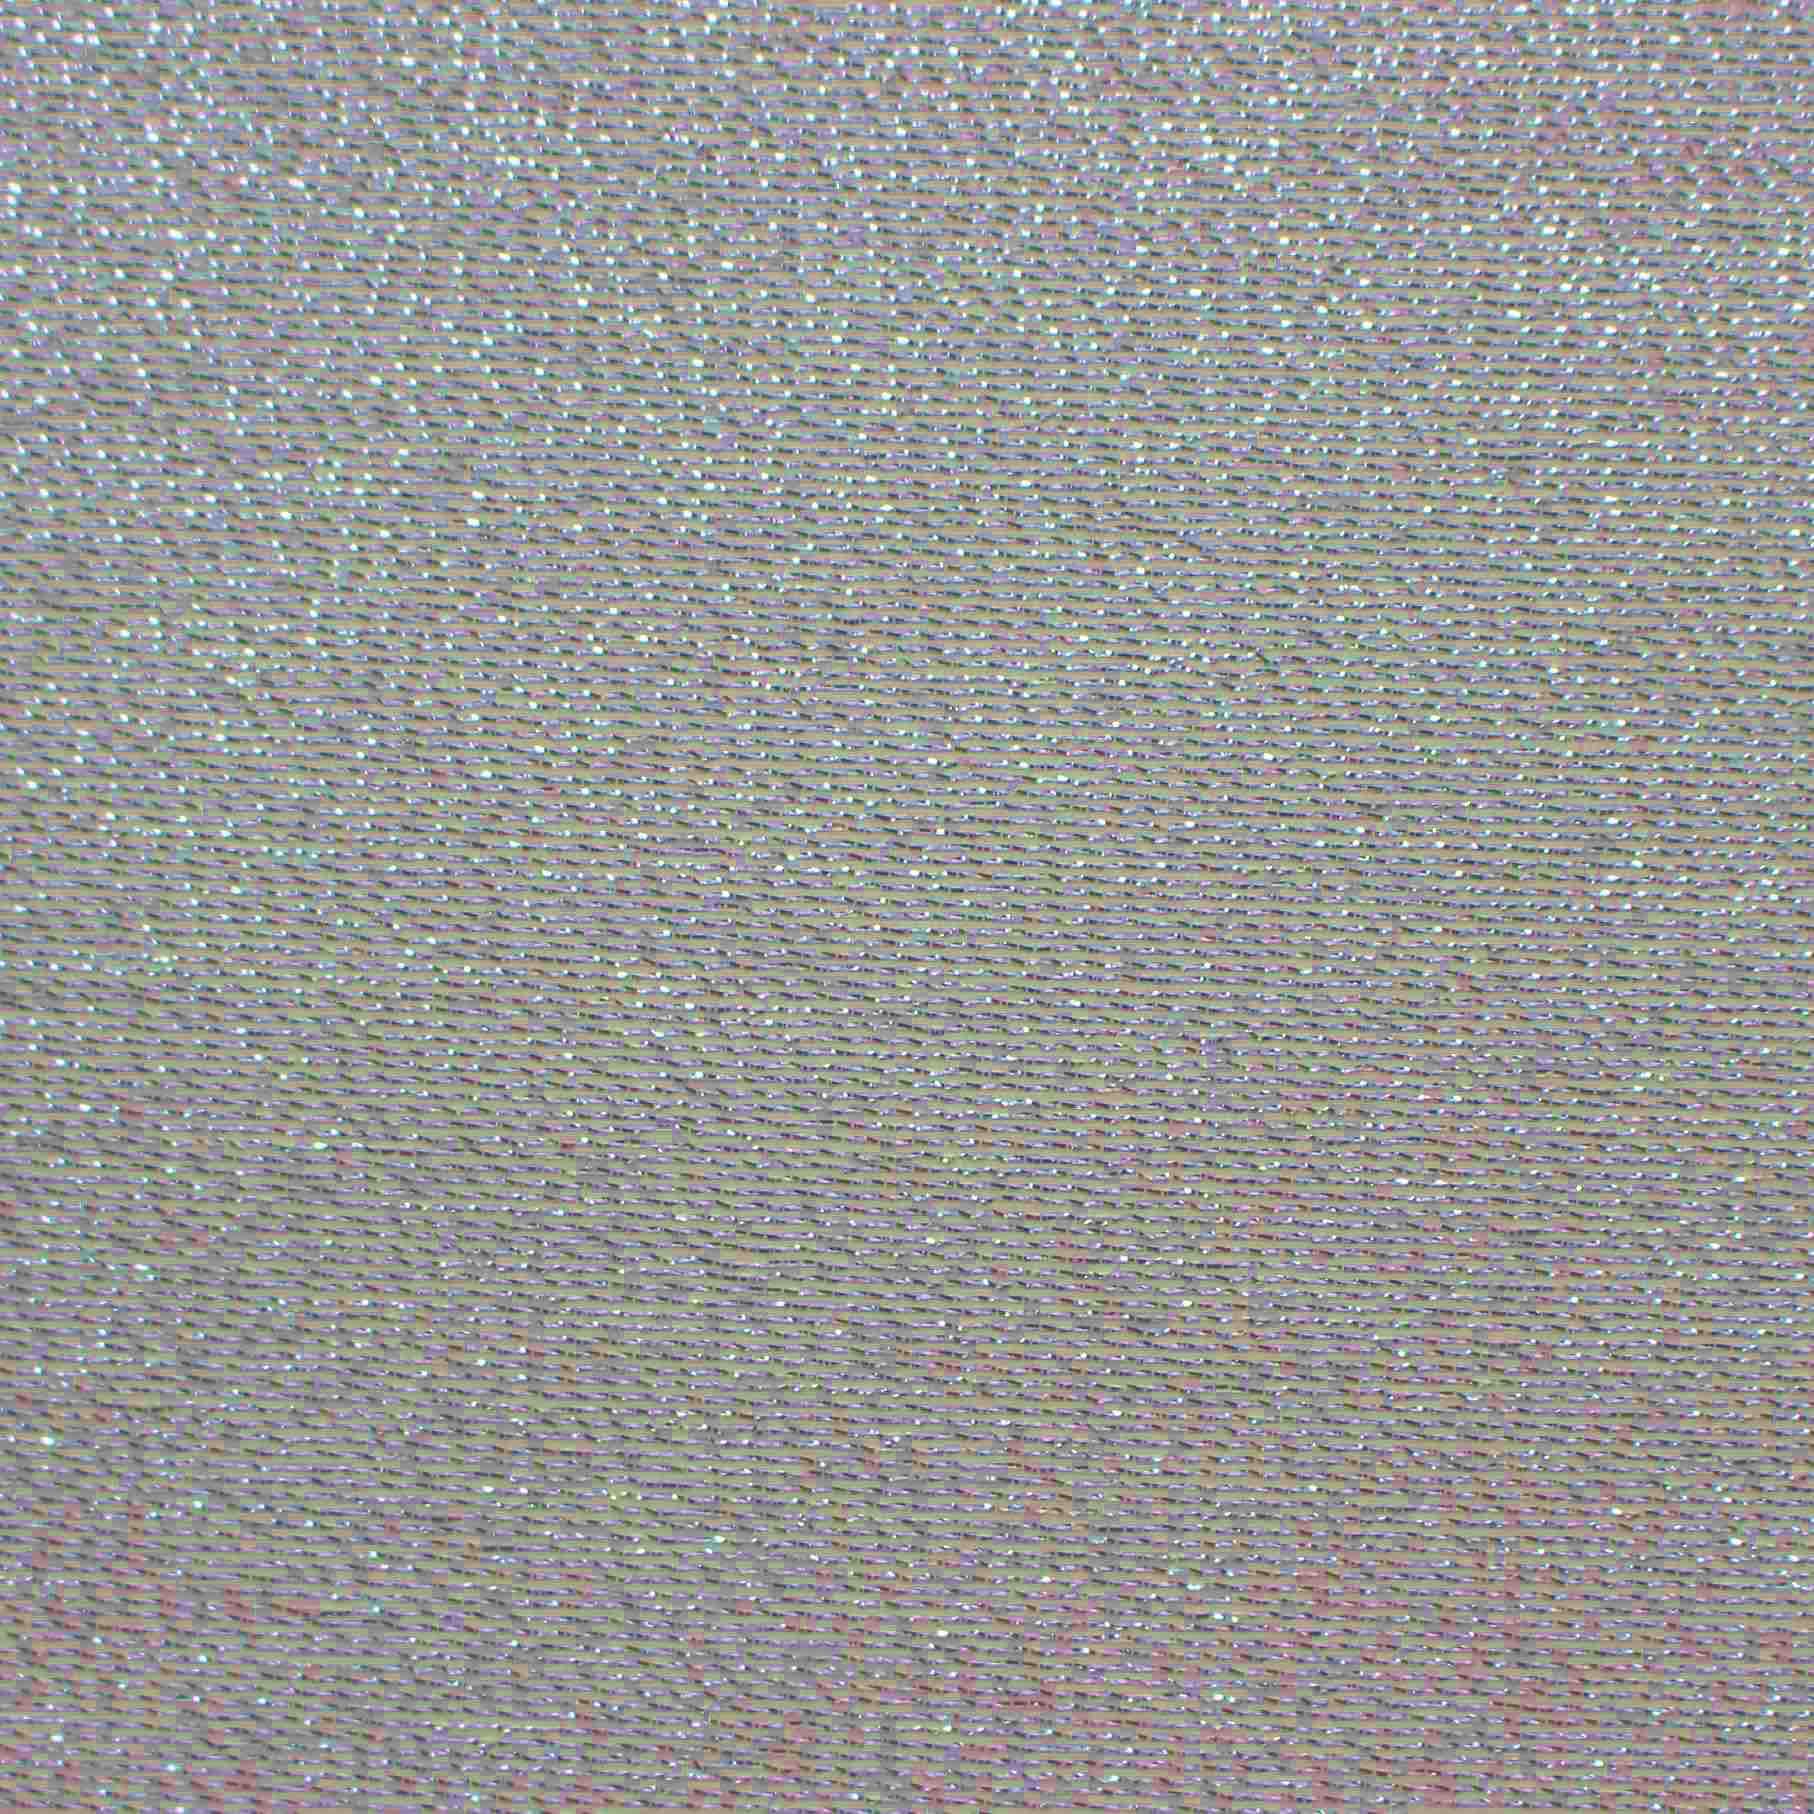 04・襖の友652銀ラメk2